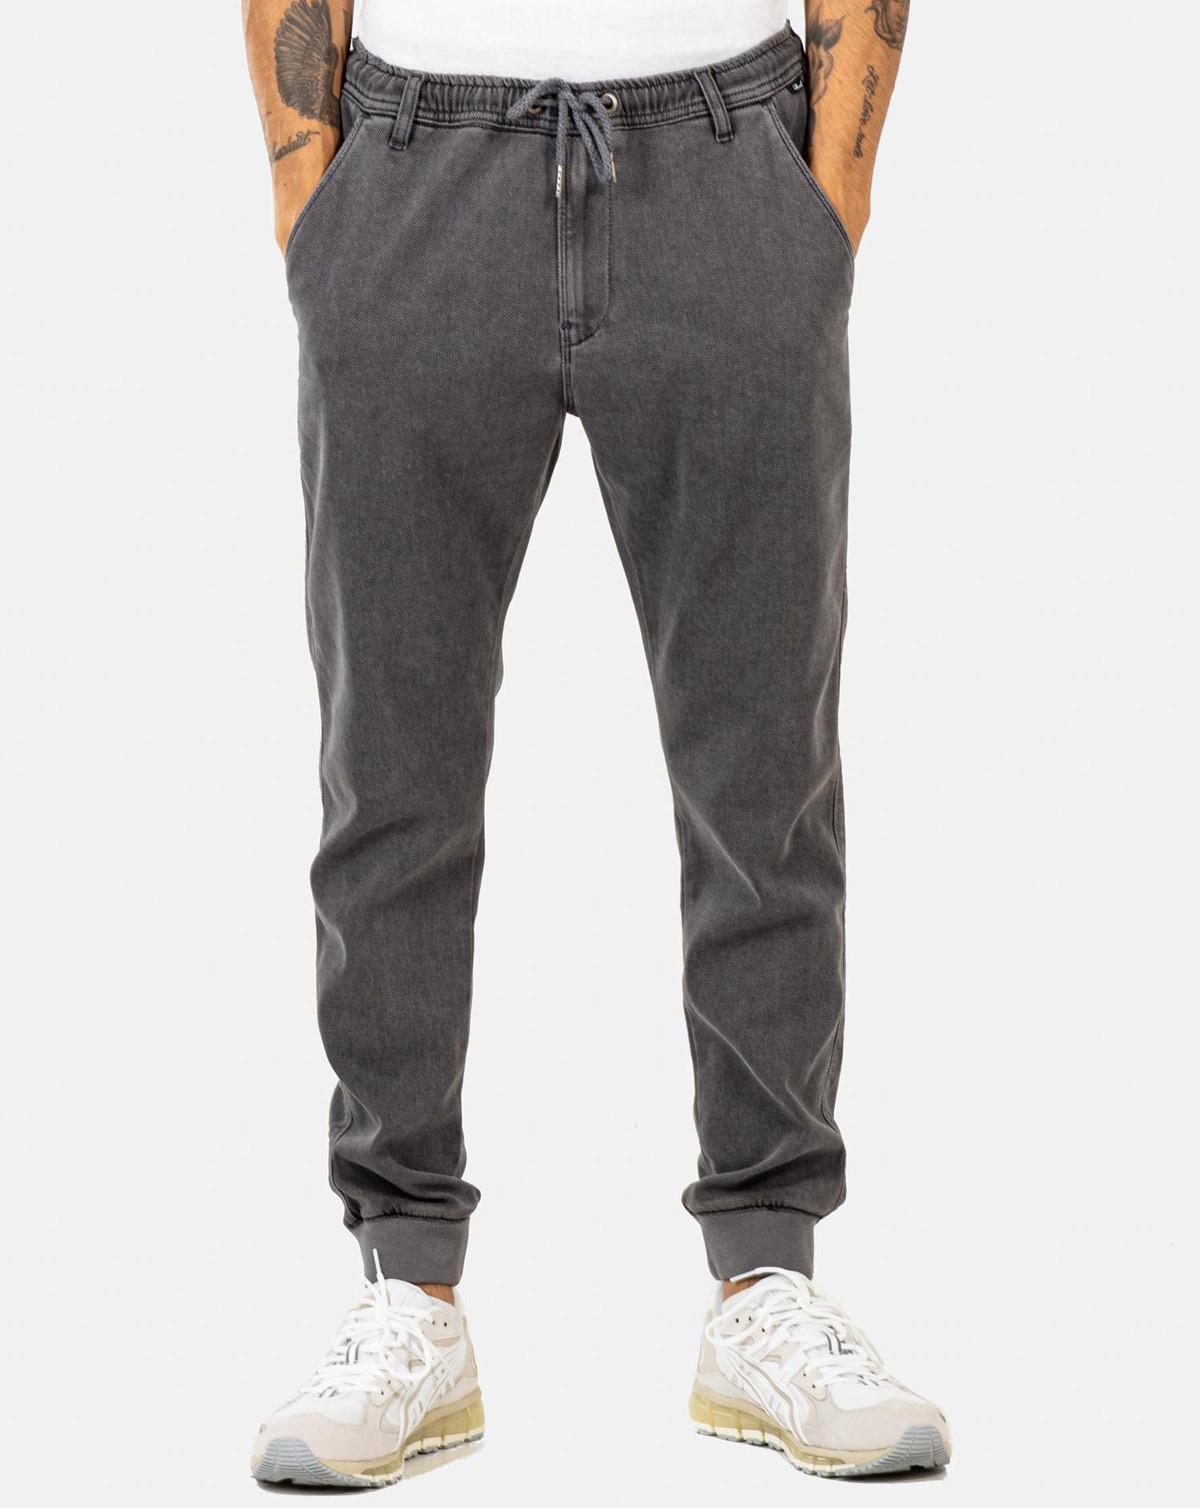 Reell Jeans Reflex Rib Pant (Dark Grey, W36 / L34)